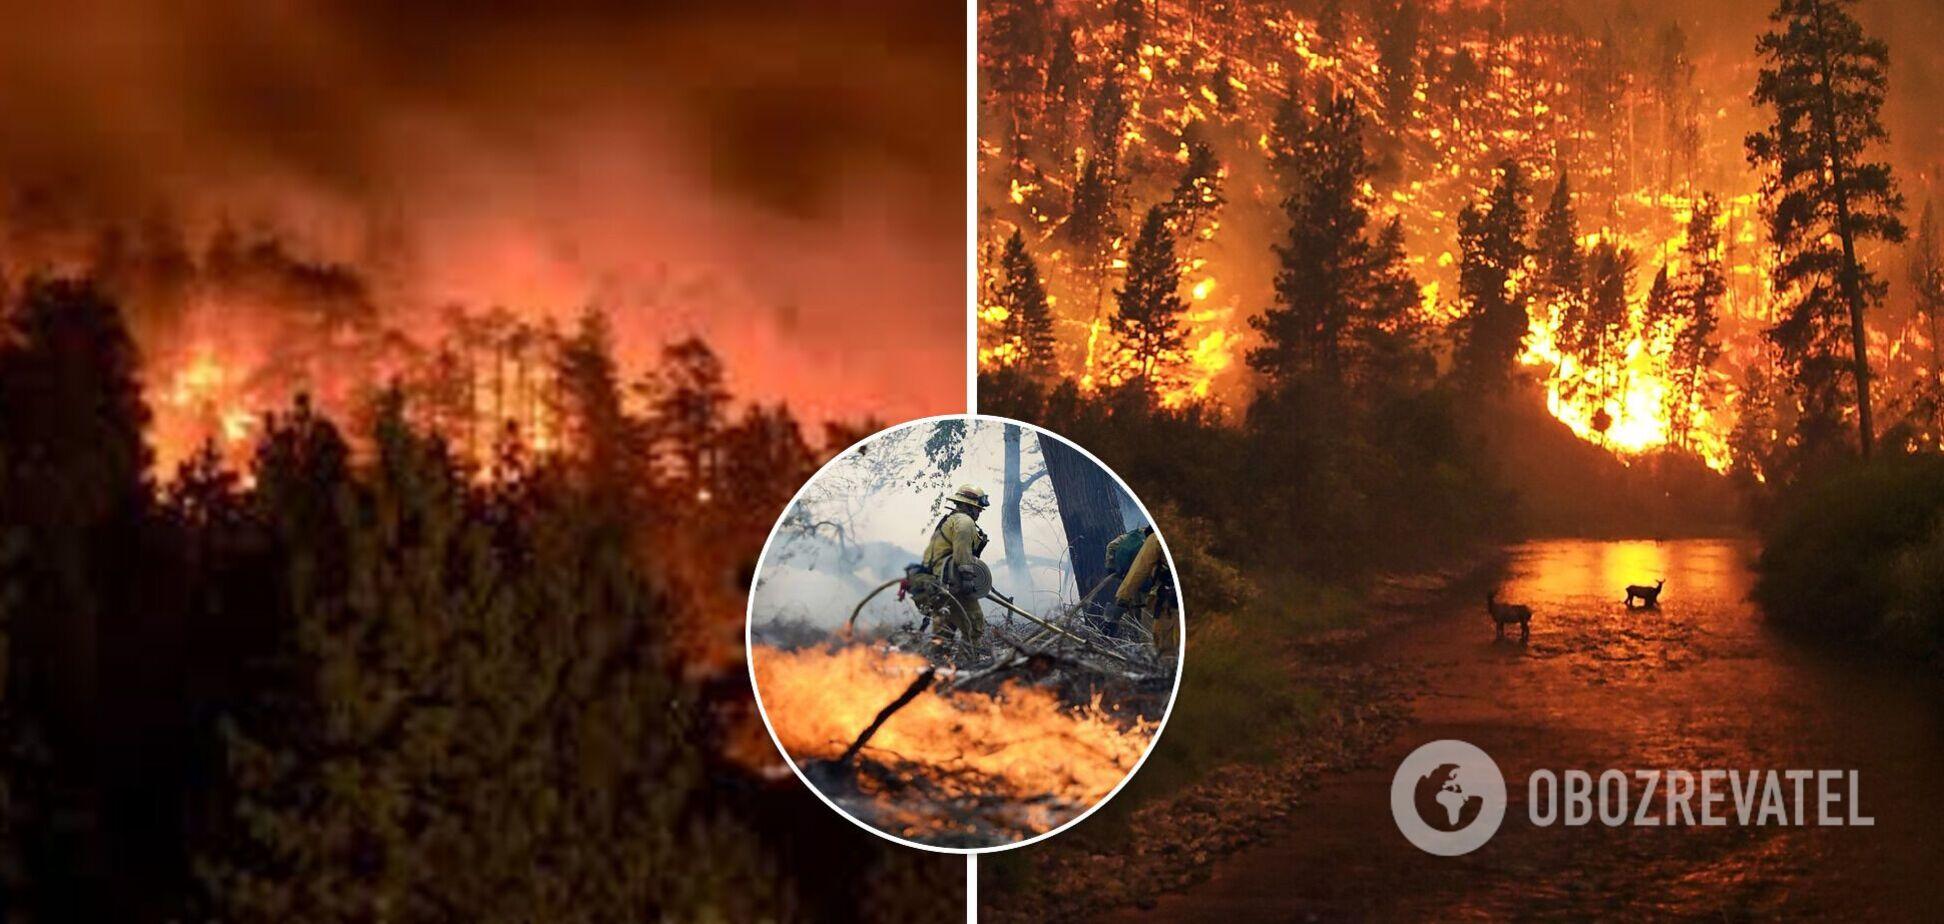 В России вспыхнули масштабные лесные пожары, небо окрасилось в красный цвет. Видео